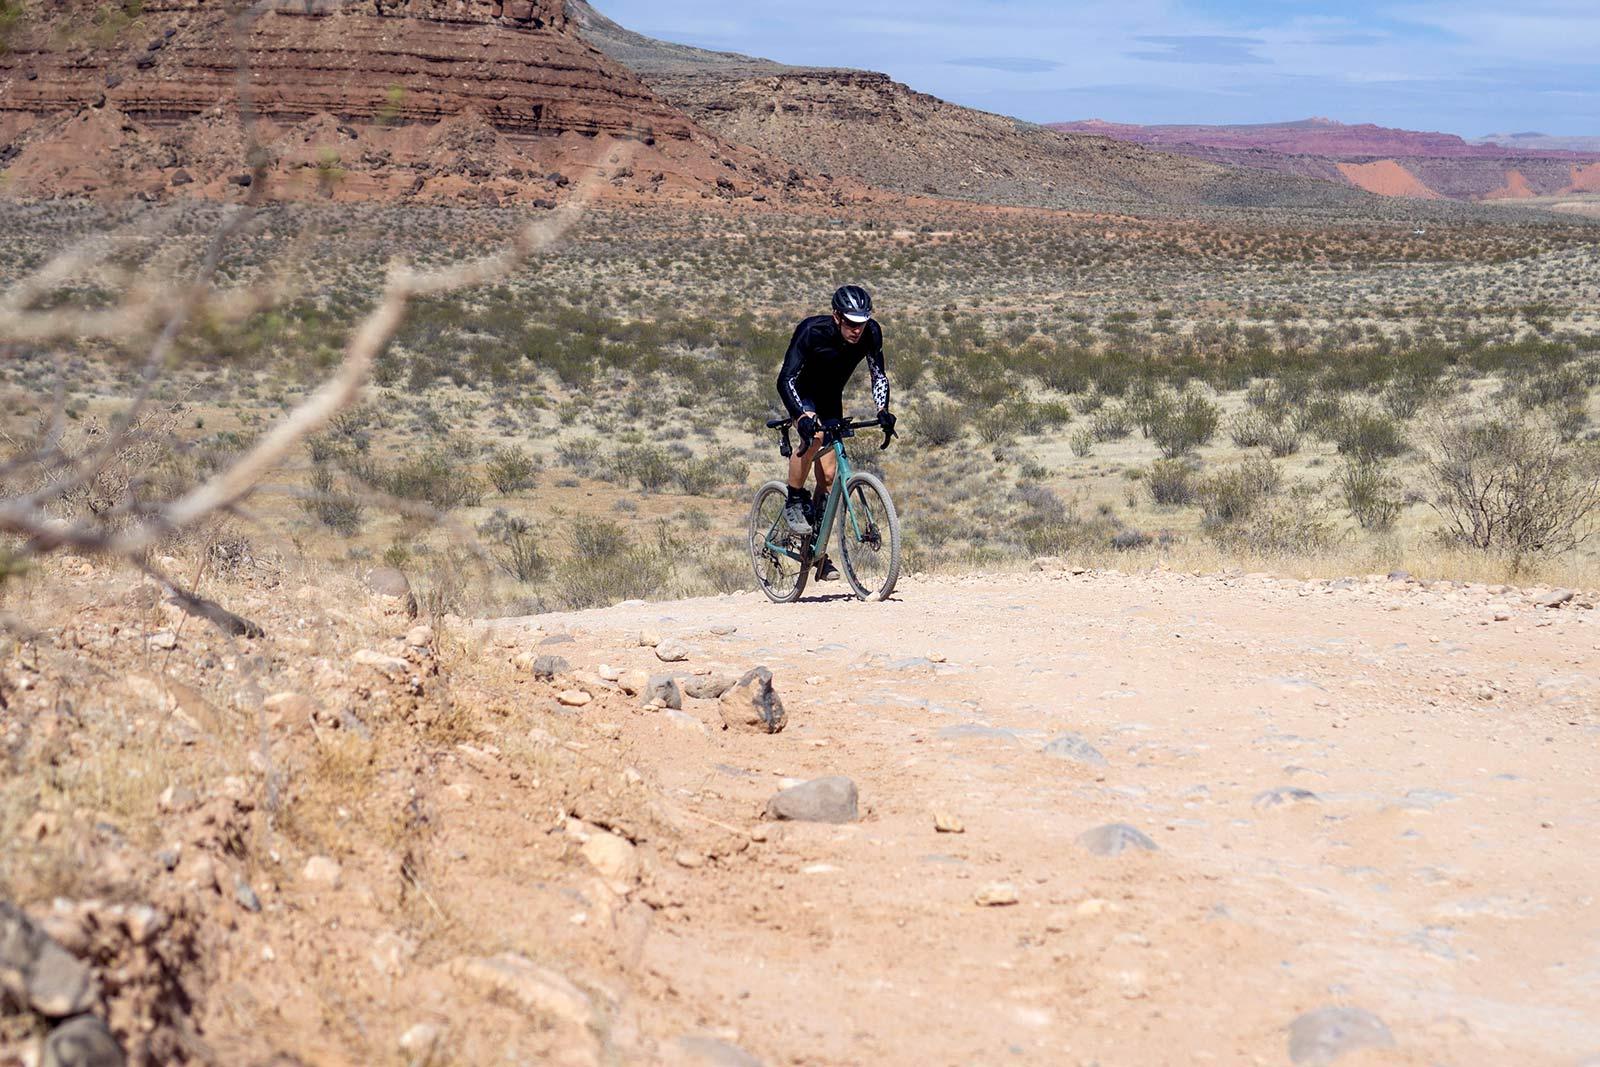 fezzari shafer gravel bike being ridden up a dirt road climb